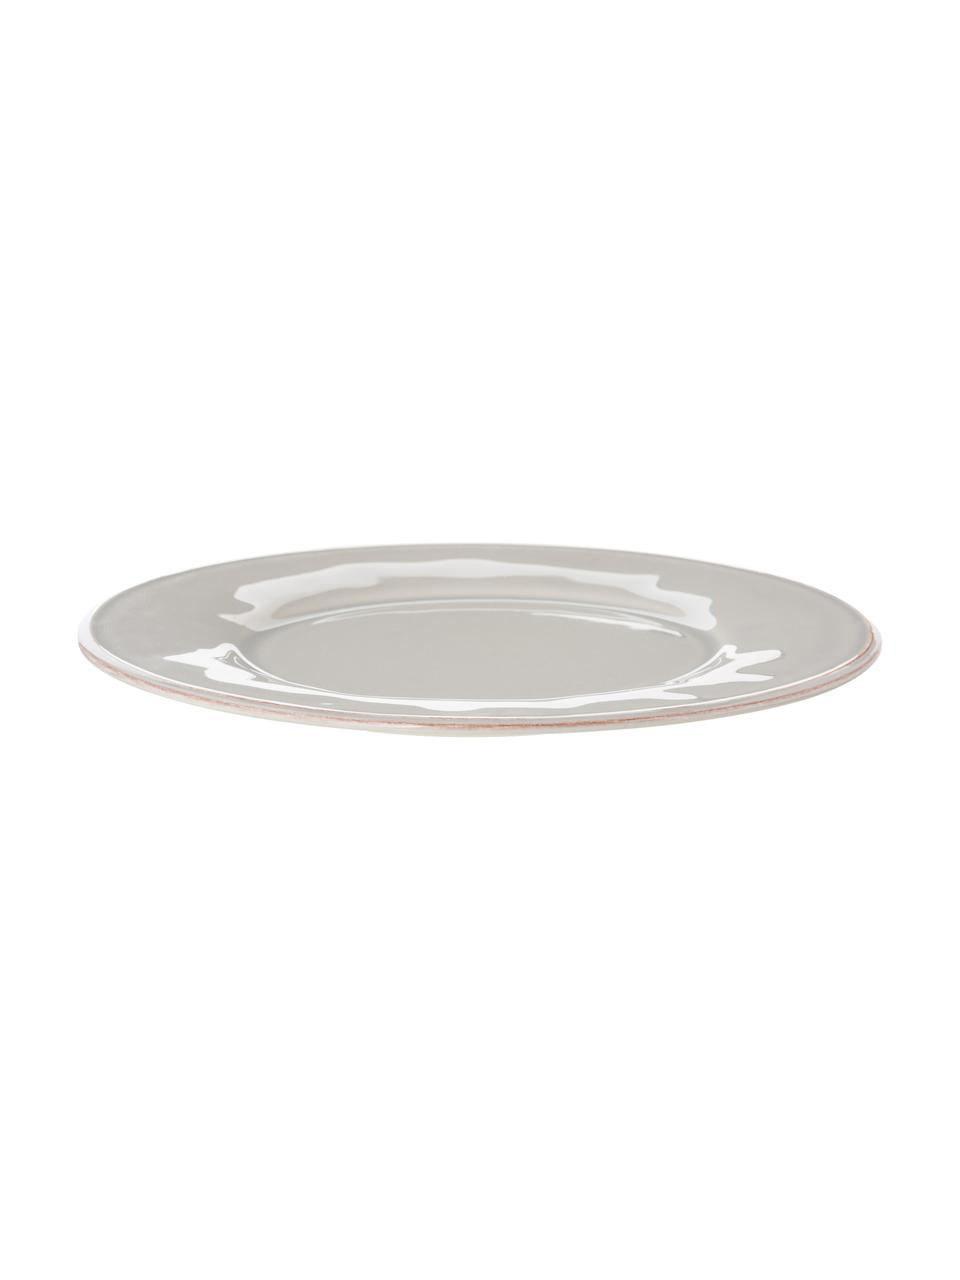 Piatto piano grigio chiaro Constance 2 pz, Terracotta, Grigio chiaro, Ø 29 cm